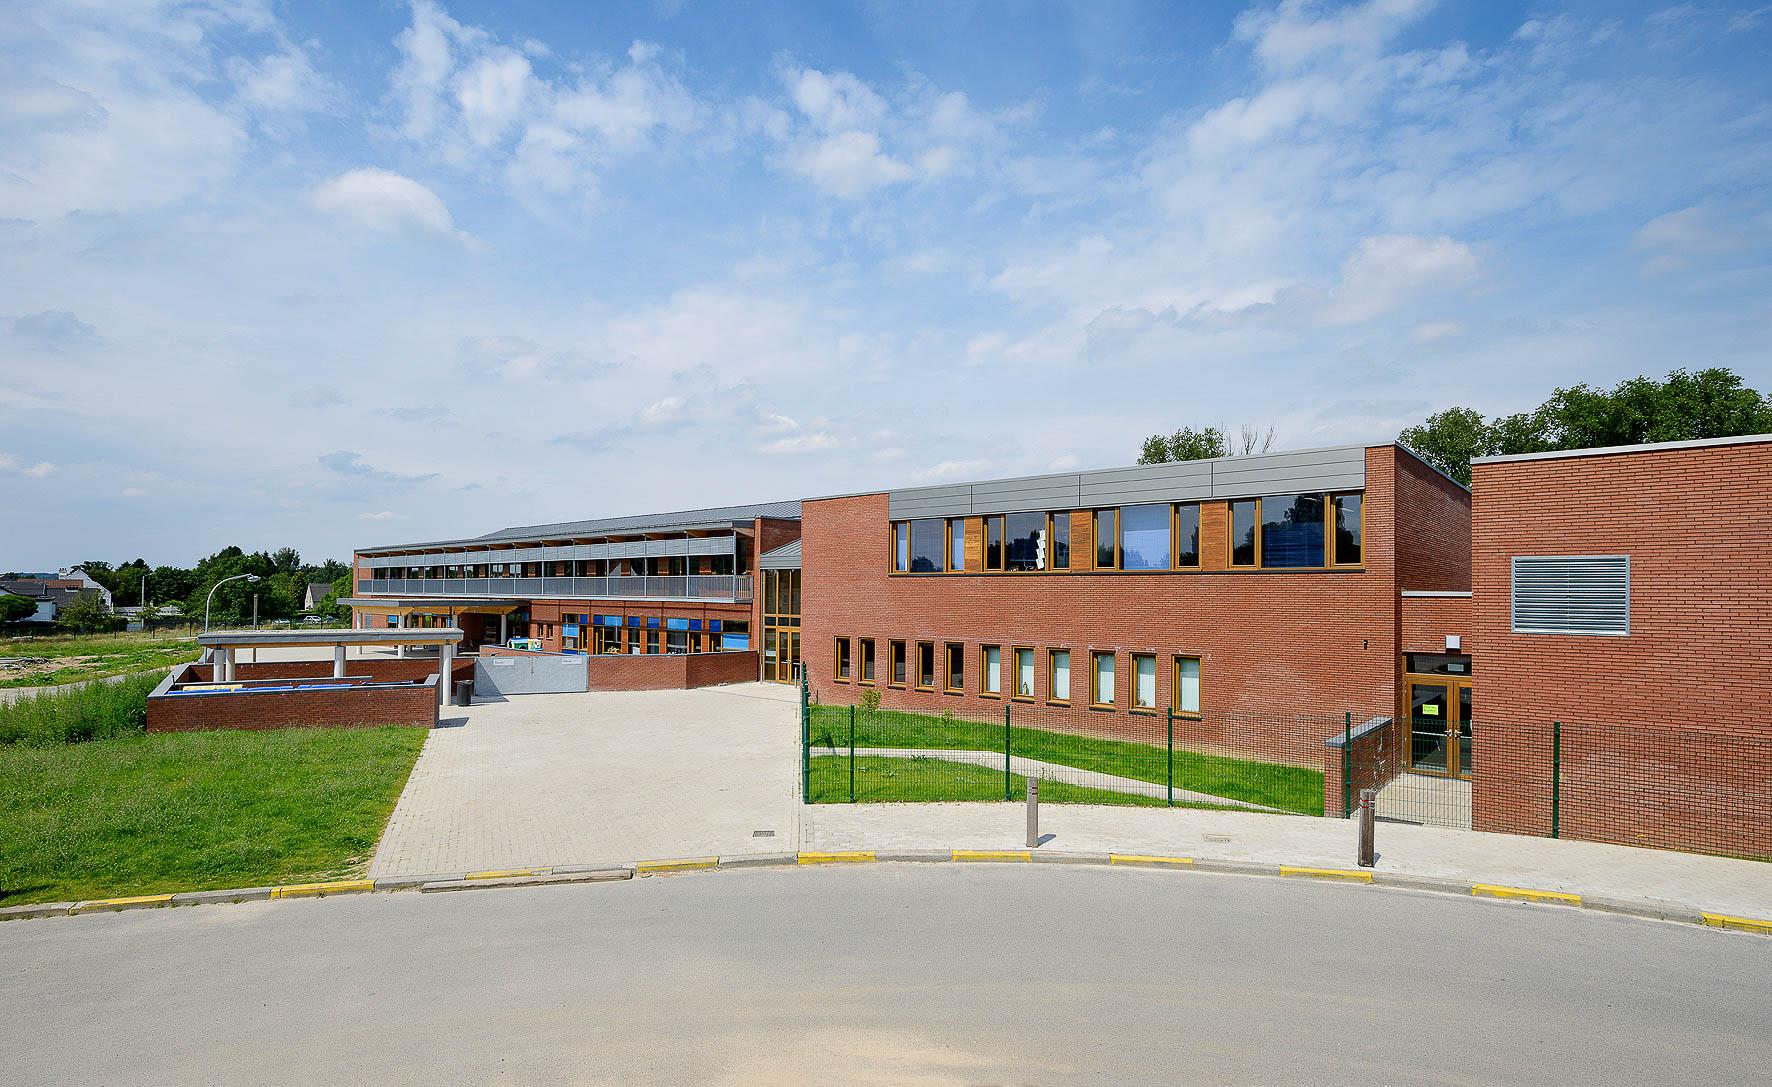 Bureau greisch École maternelle et primaire de genval